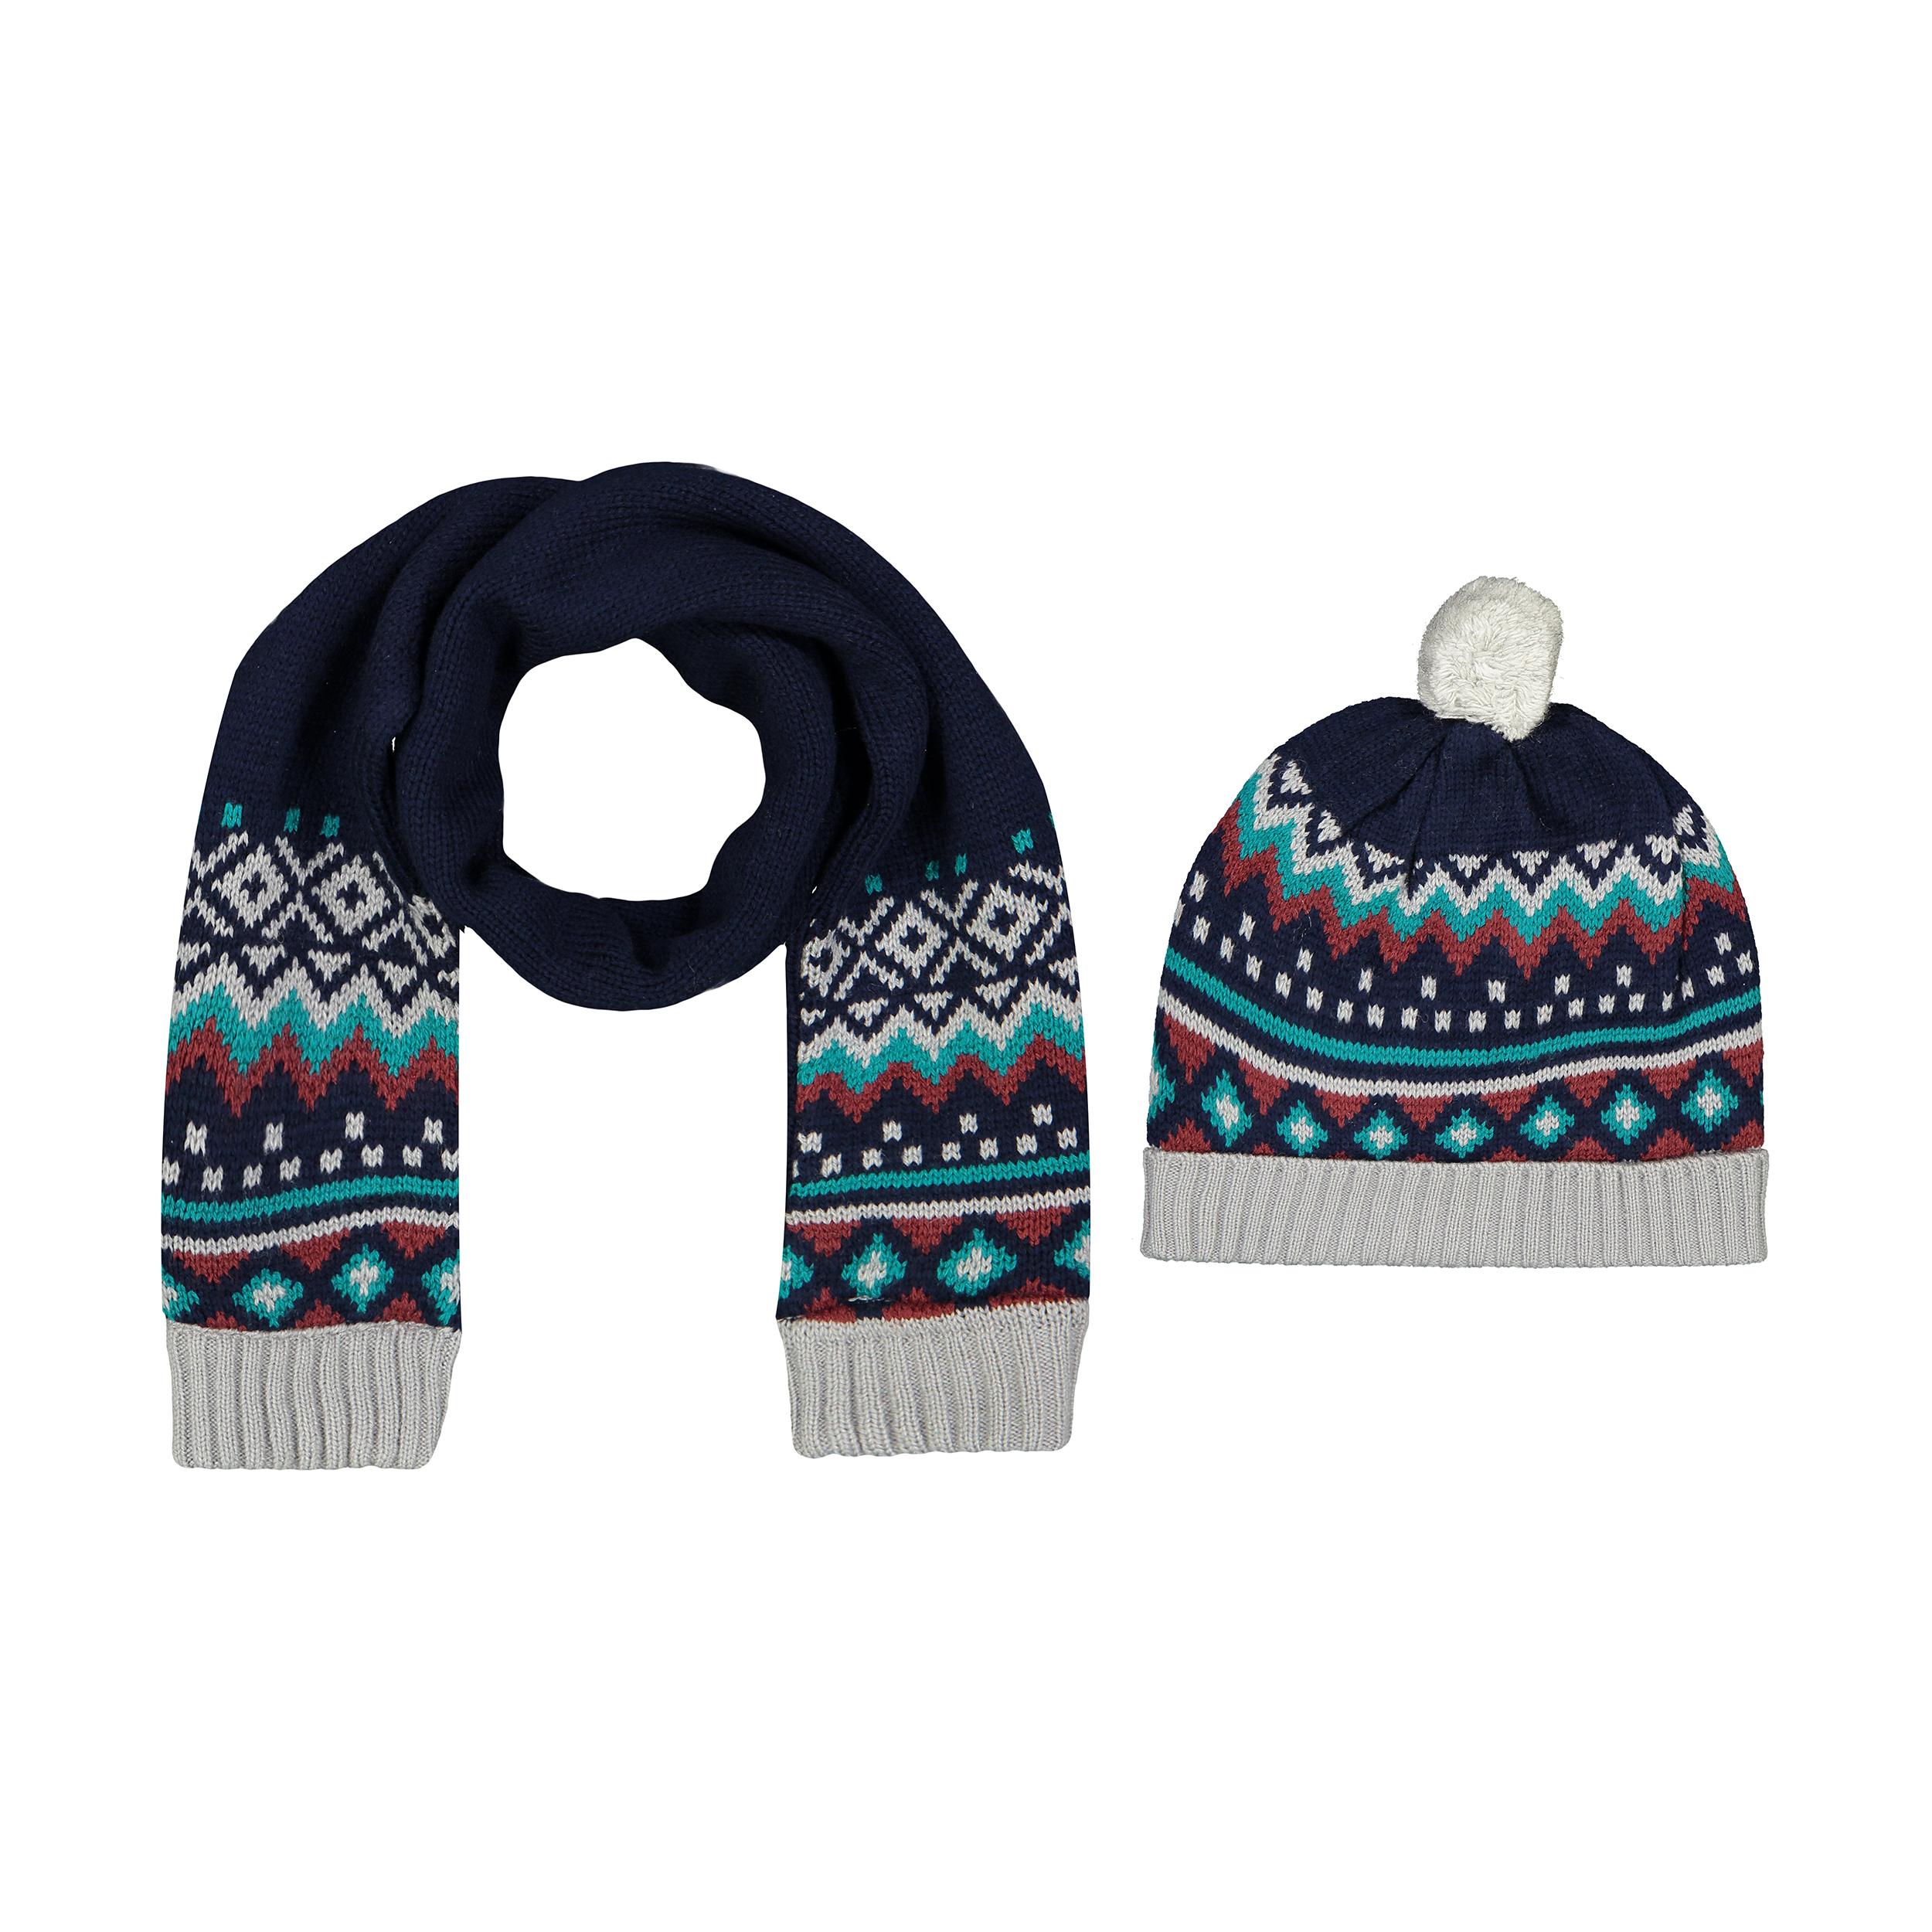 ست کلاه و شال گردن بافتنی نوزادی فیورلا کد 3811